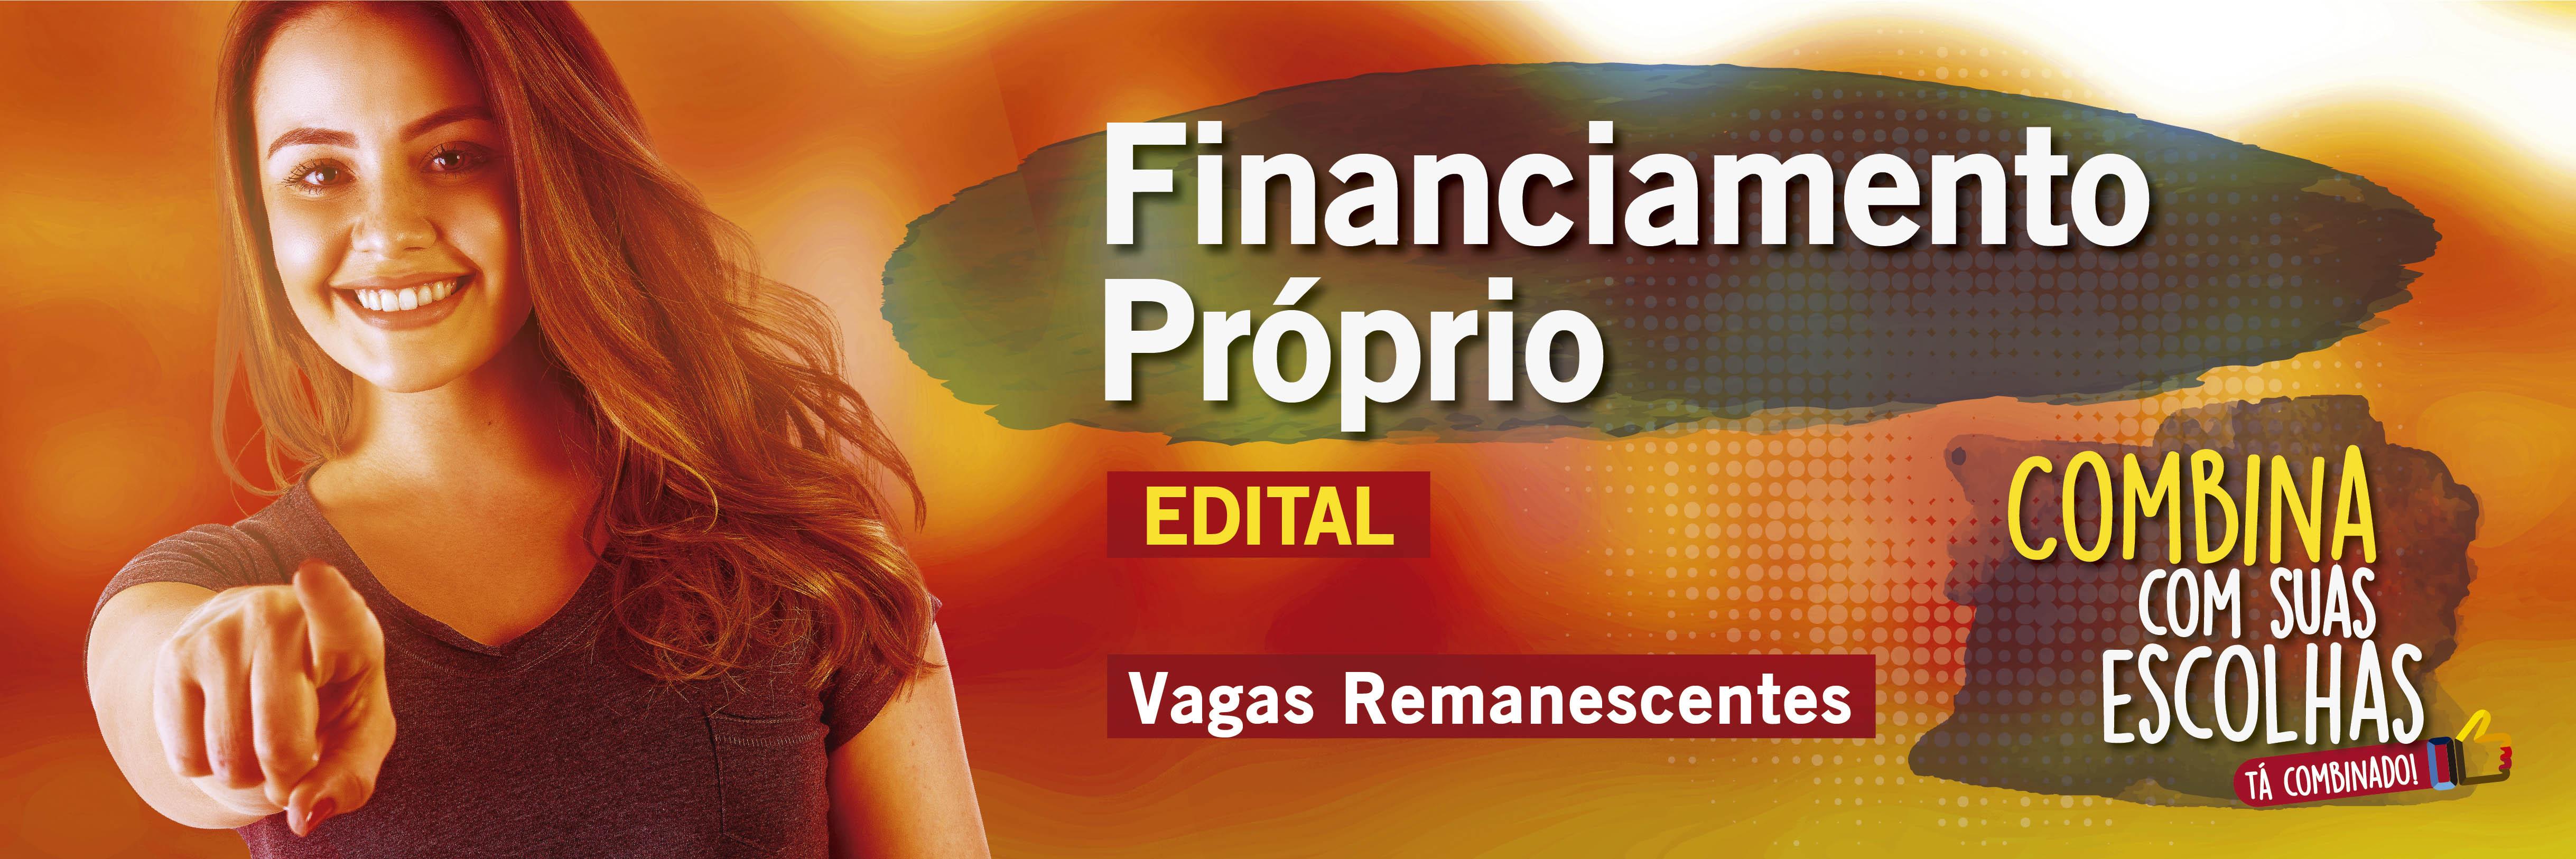 Financiamento Próprio - Vagas Remanescentes